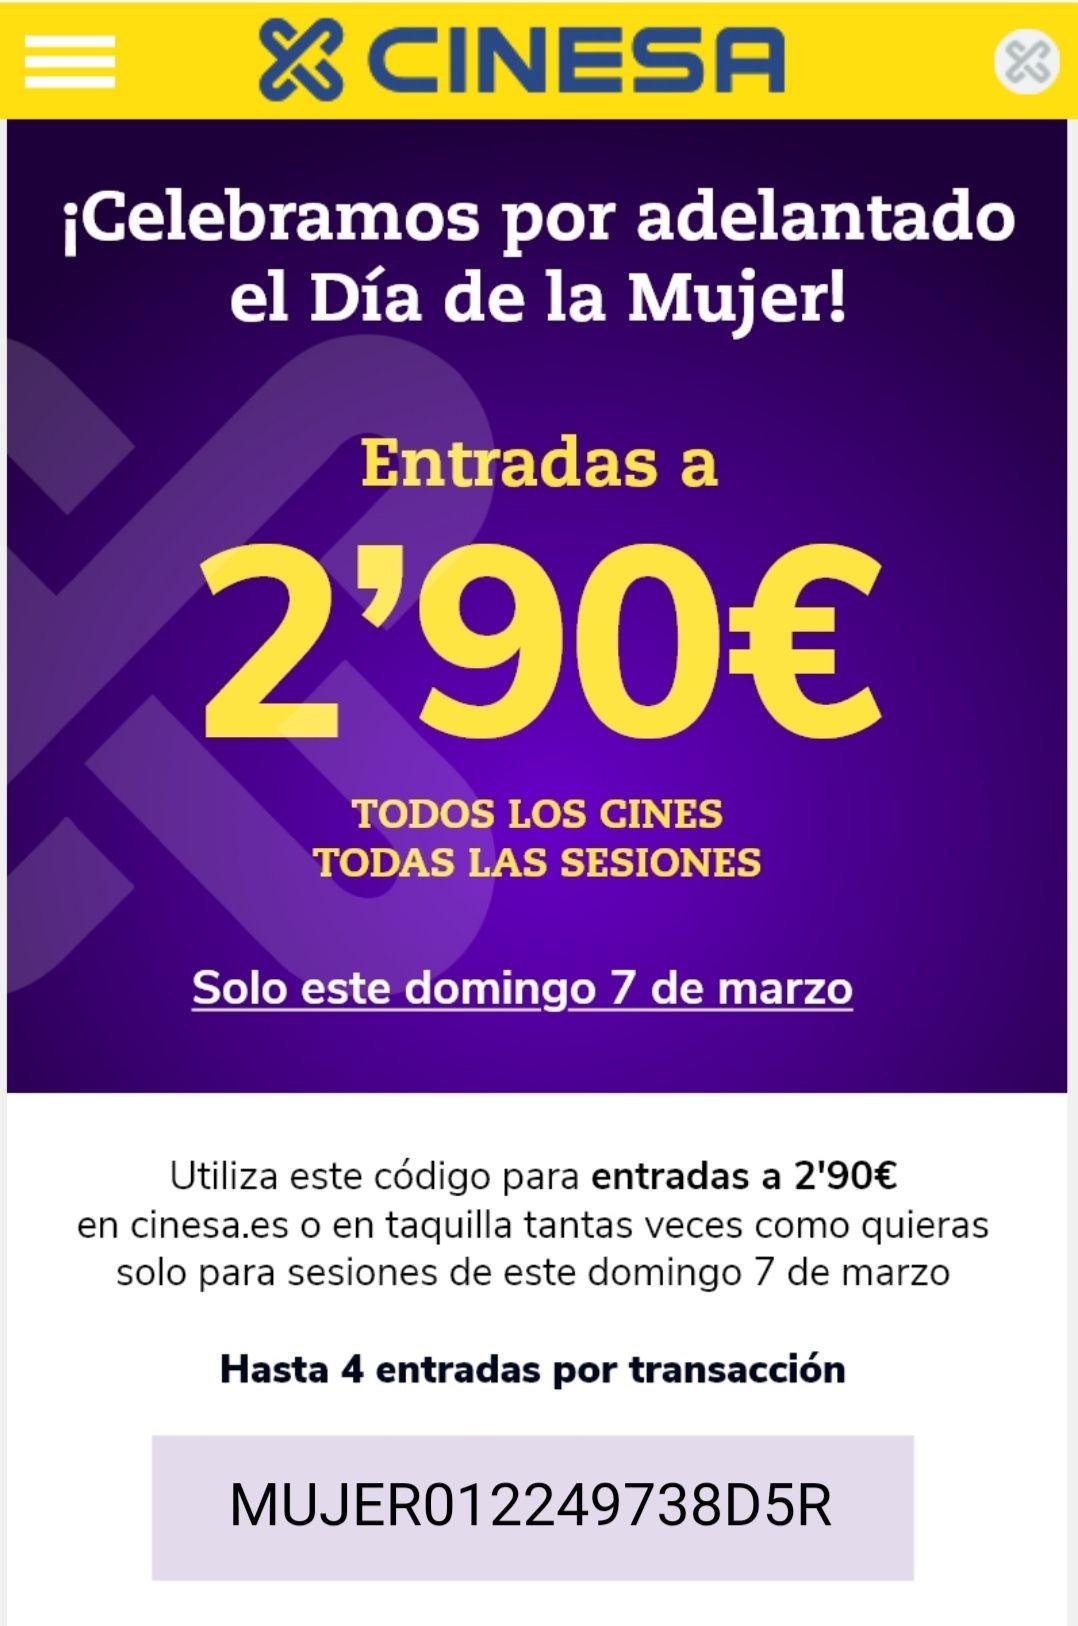 Entradas de cine 2,90€ (Cinesa)